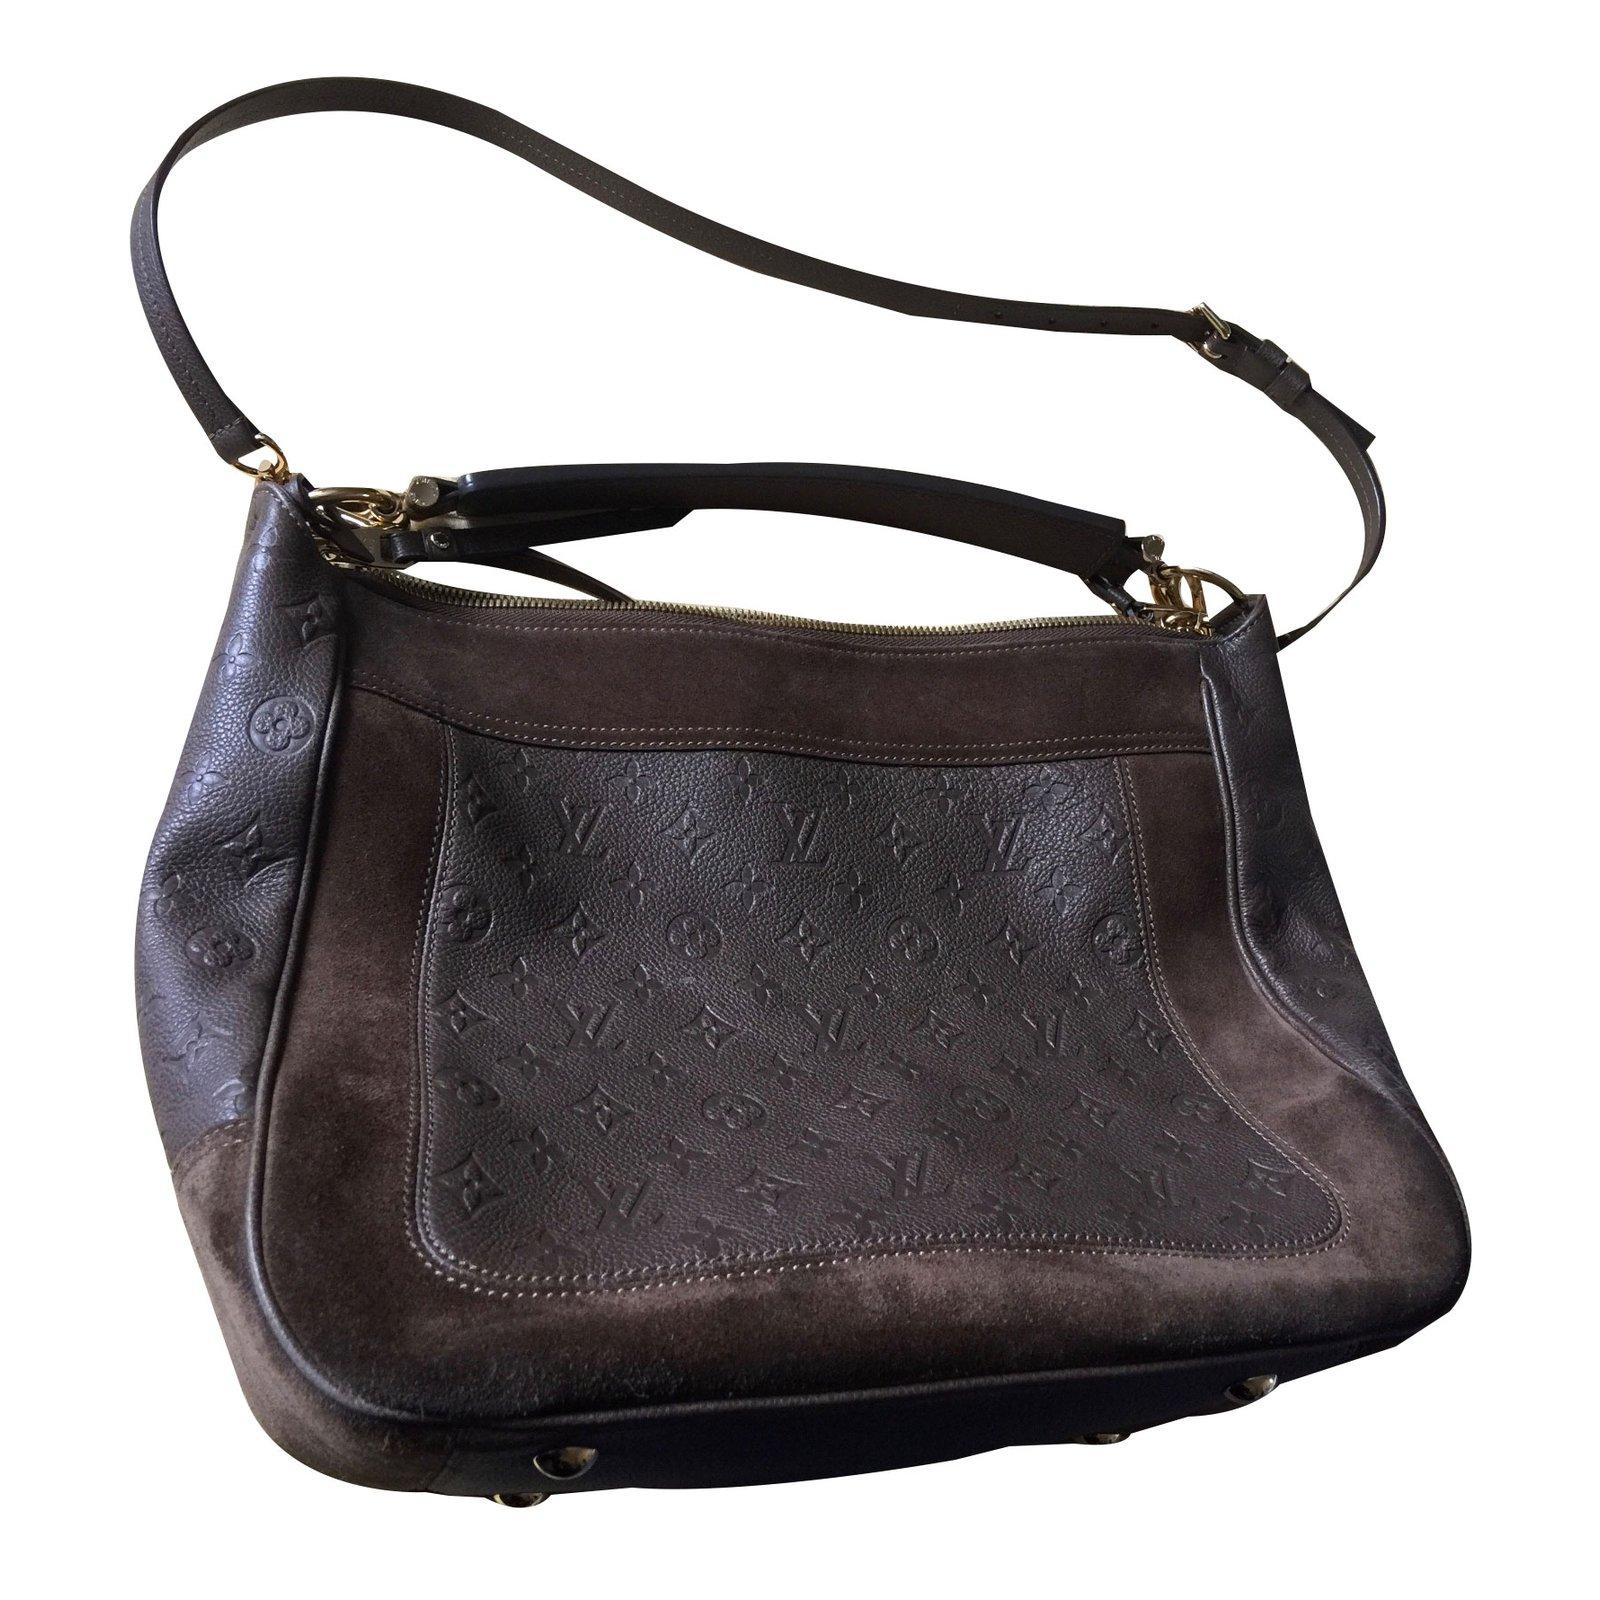 Hampstead Pre Owned >> Louis Vuitton AUDACIEUSE Handbags Leather,Deerskin Brown ...